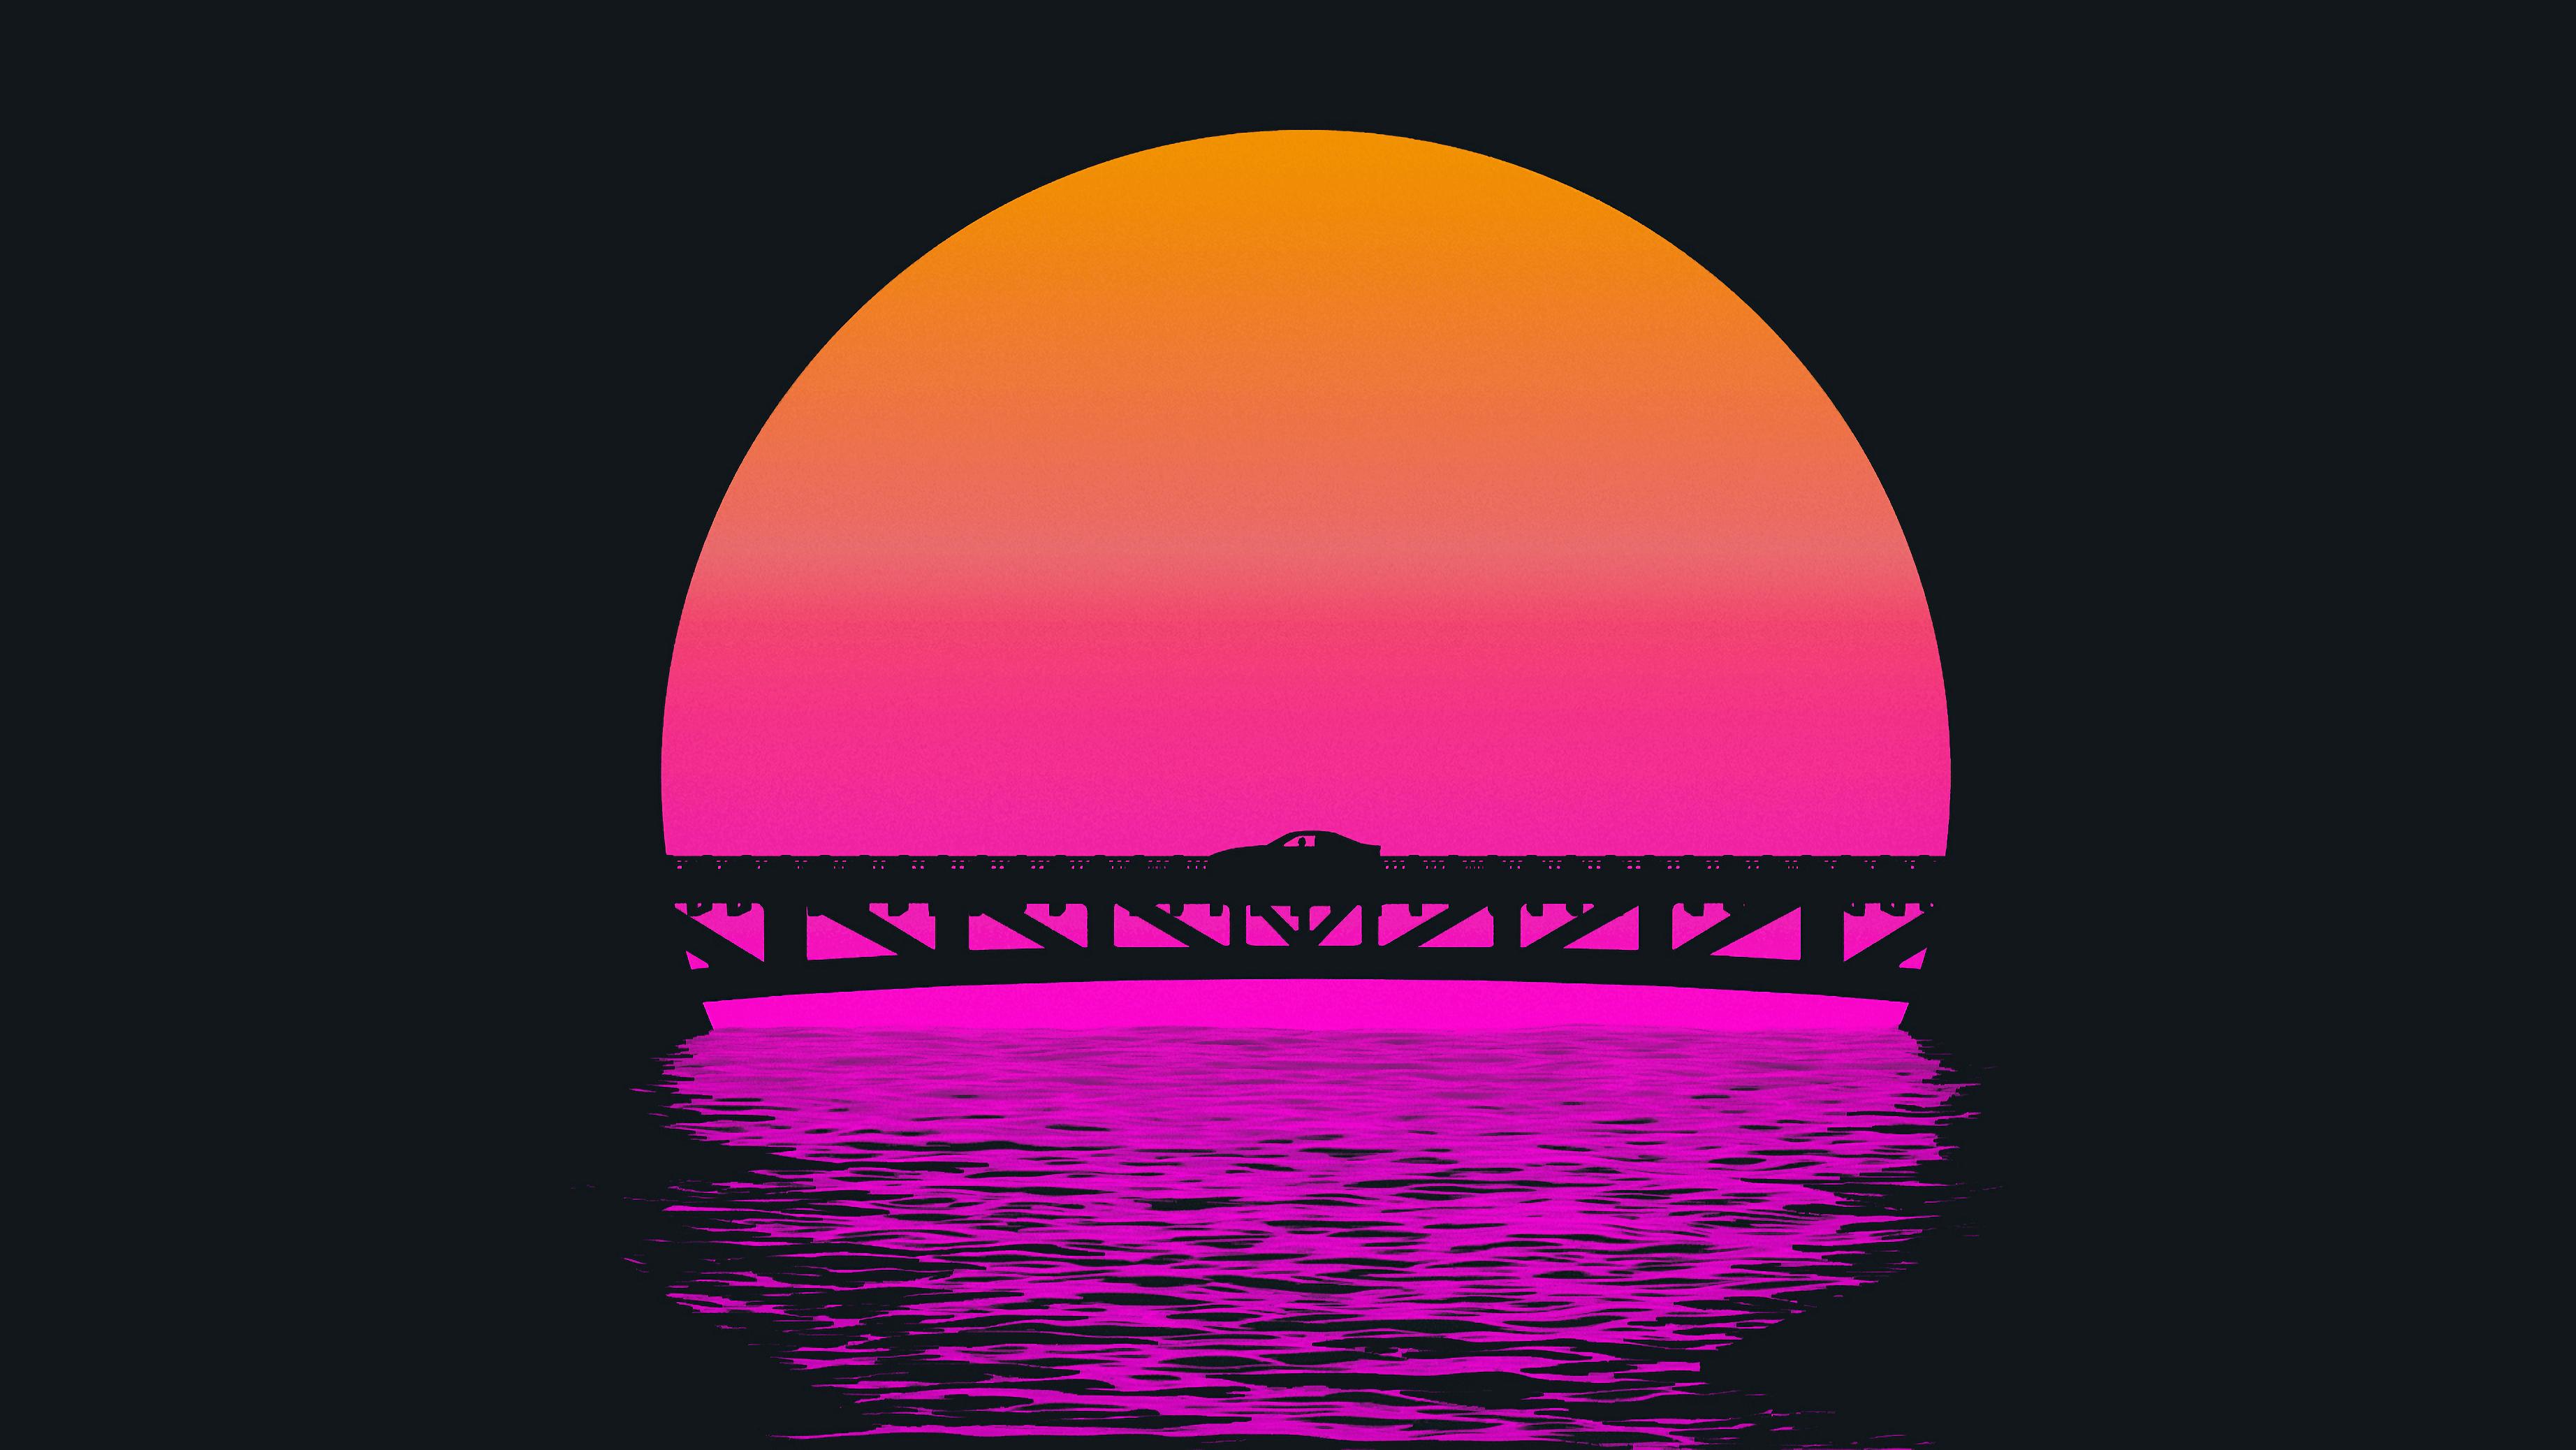 3688x2076 Outrun Sunset Hình nền 4K